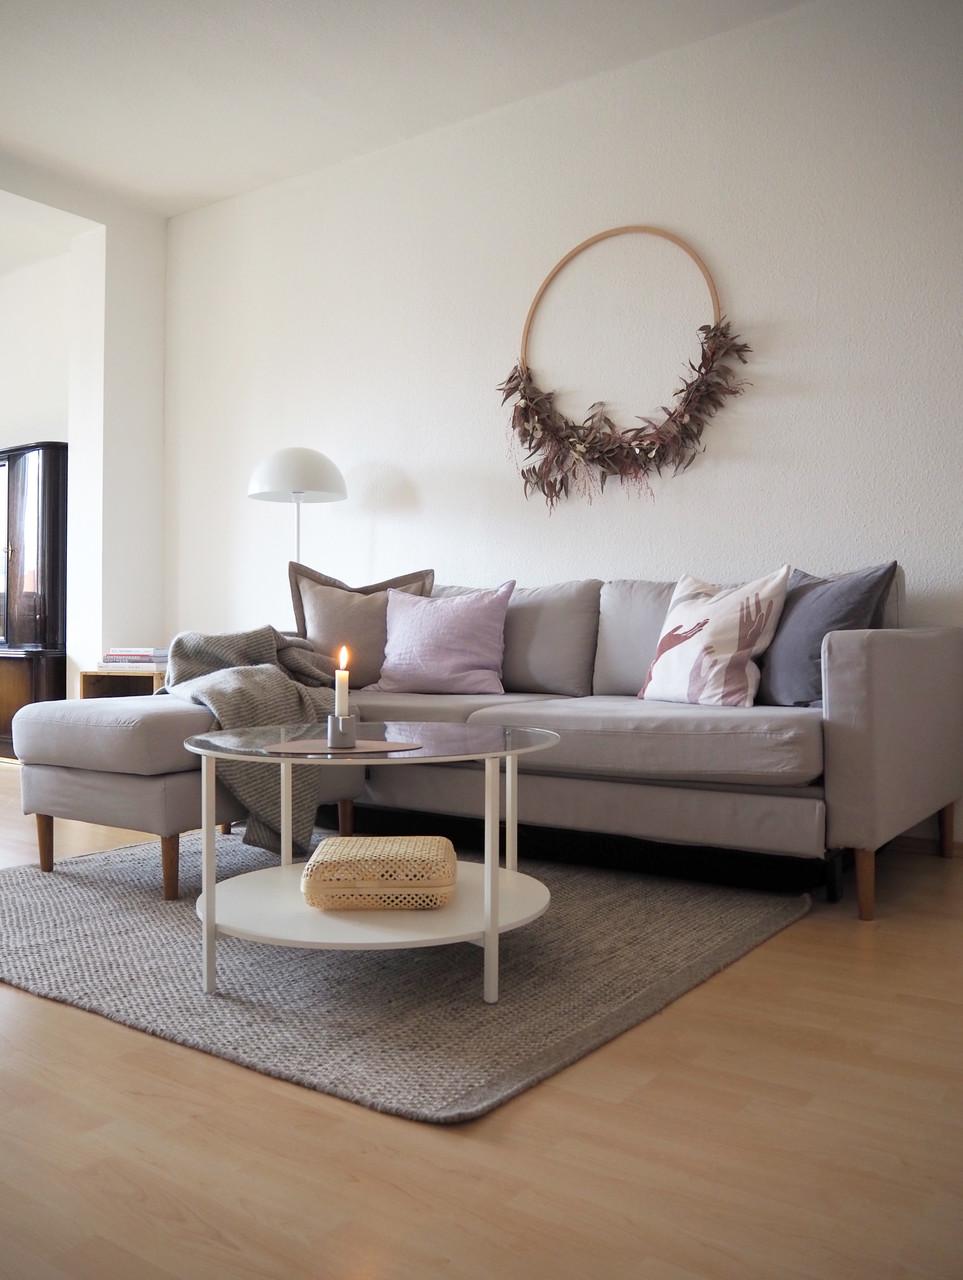 Homestories - Bei Lesern Zuhause - Janas Homestory: Möbel müssen nicht immer neu sein - so geht's einfach desmondo